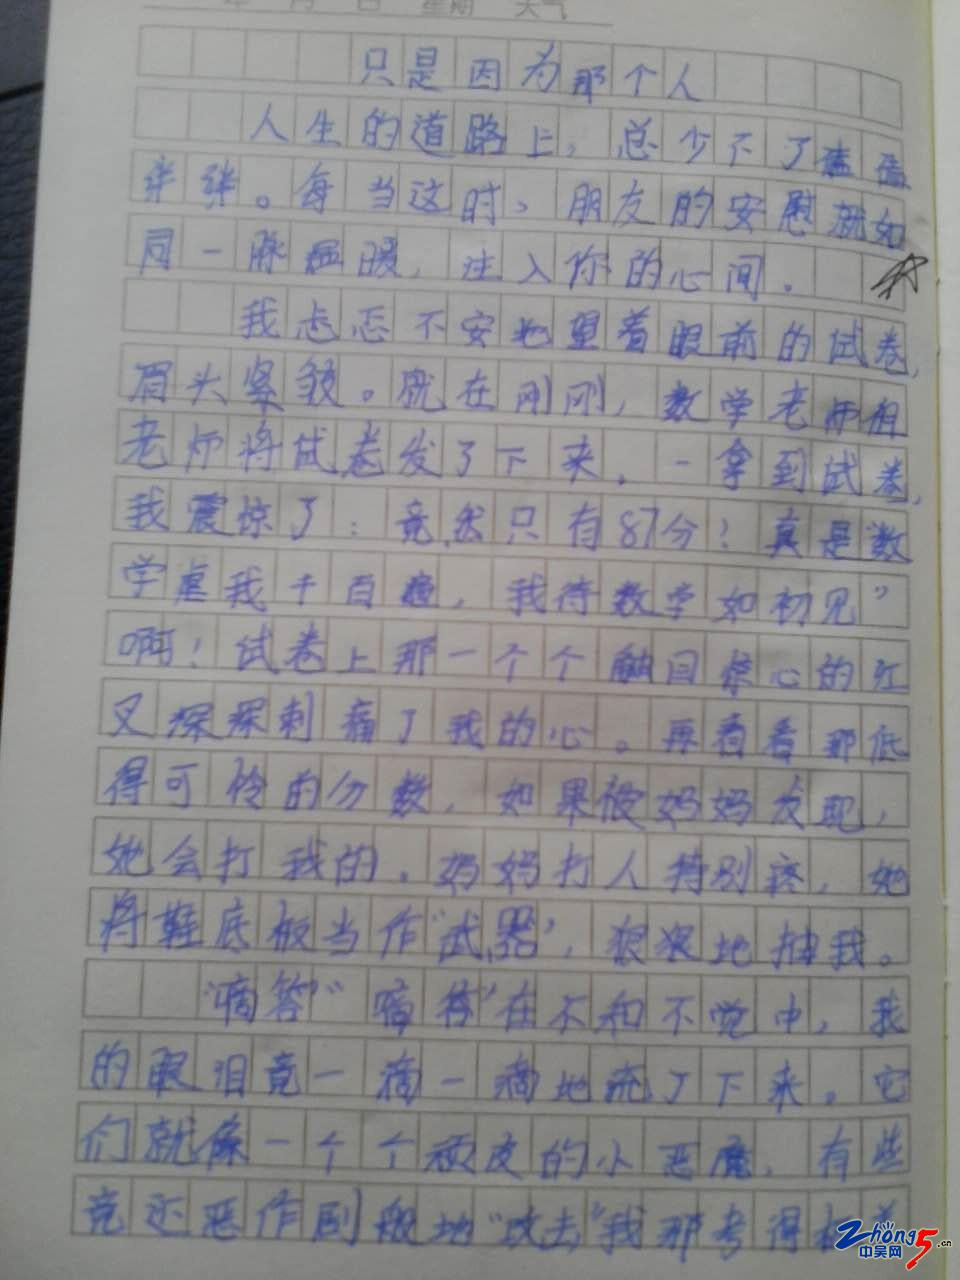 1老师QQ1928668148.jpg